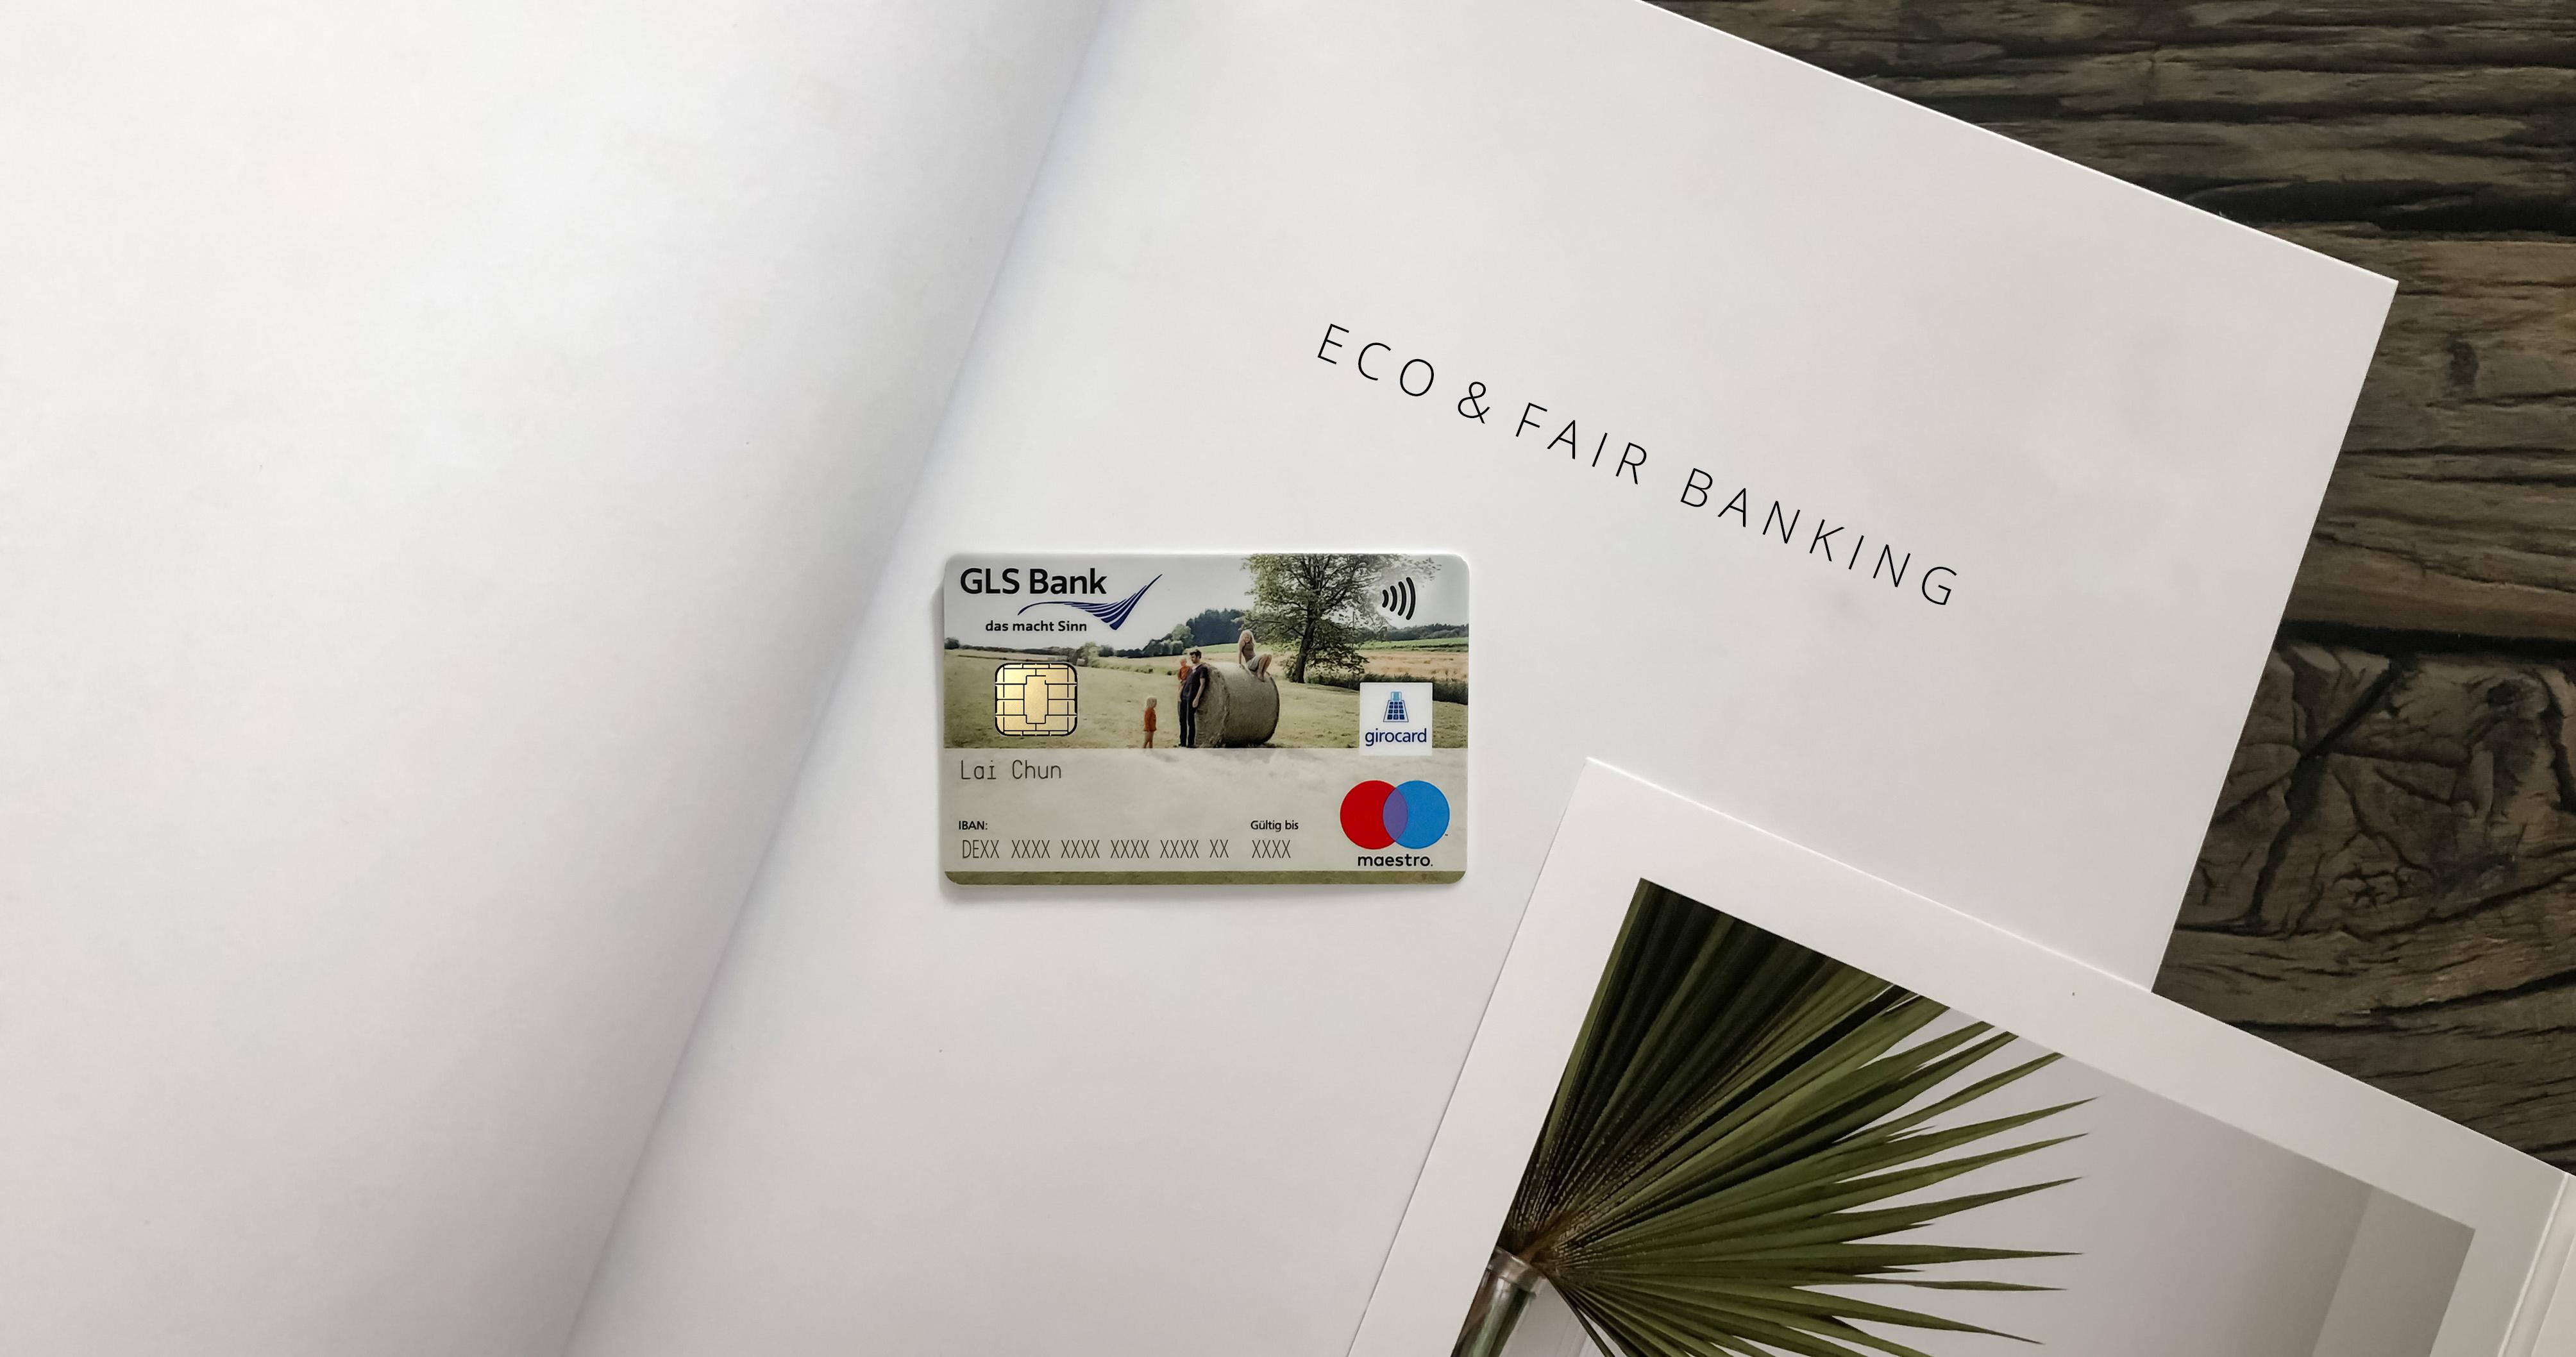 GLS-Bank_Lai-Chun_Fair_Banking